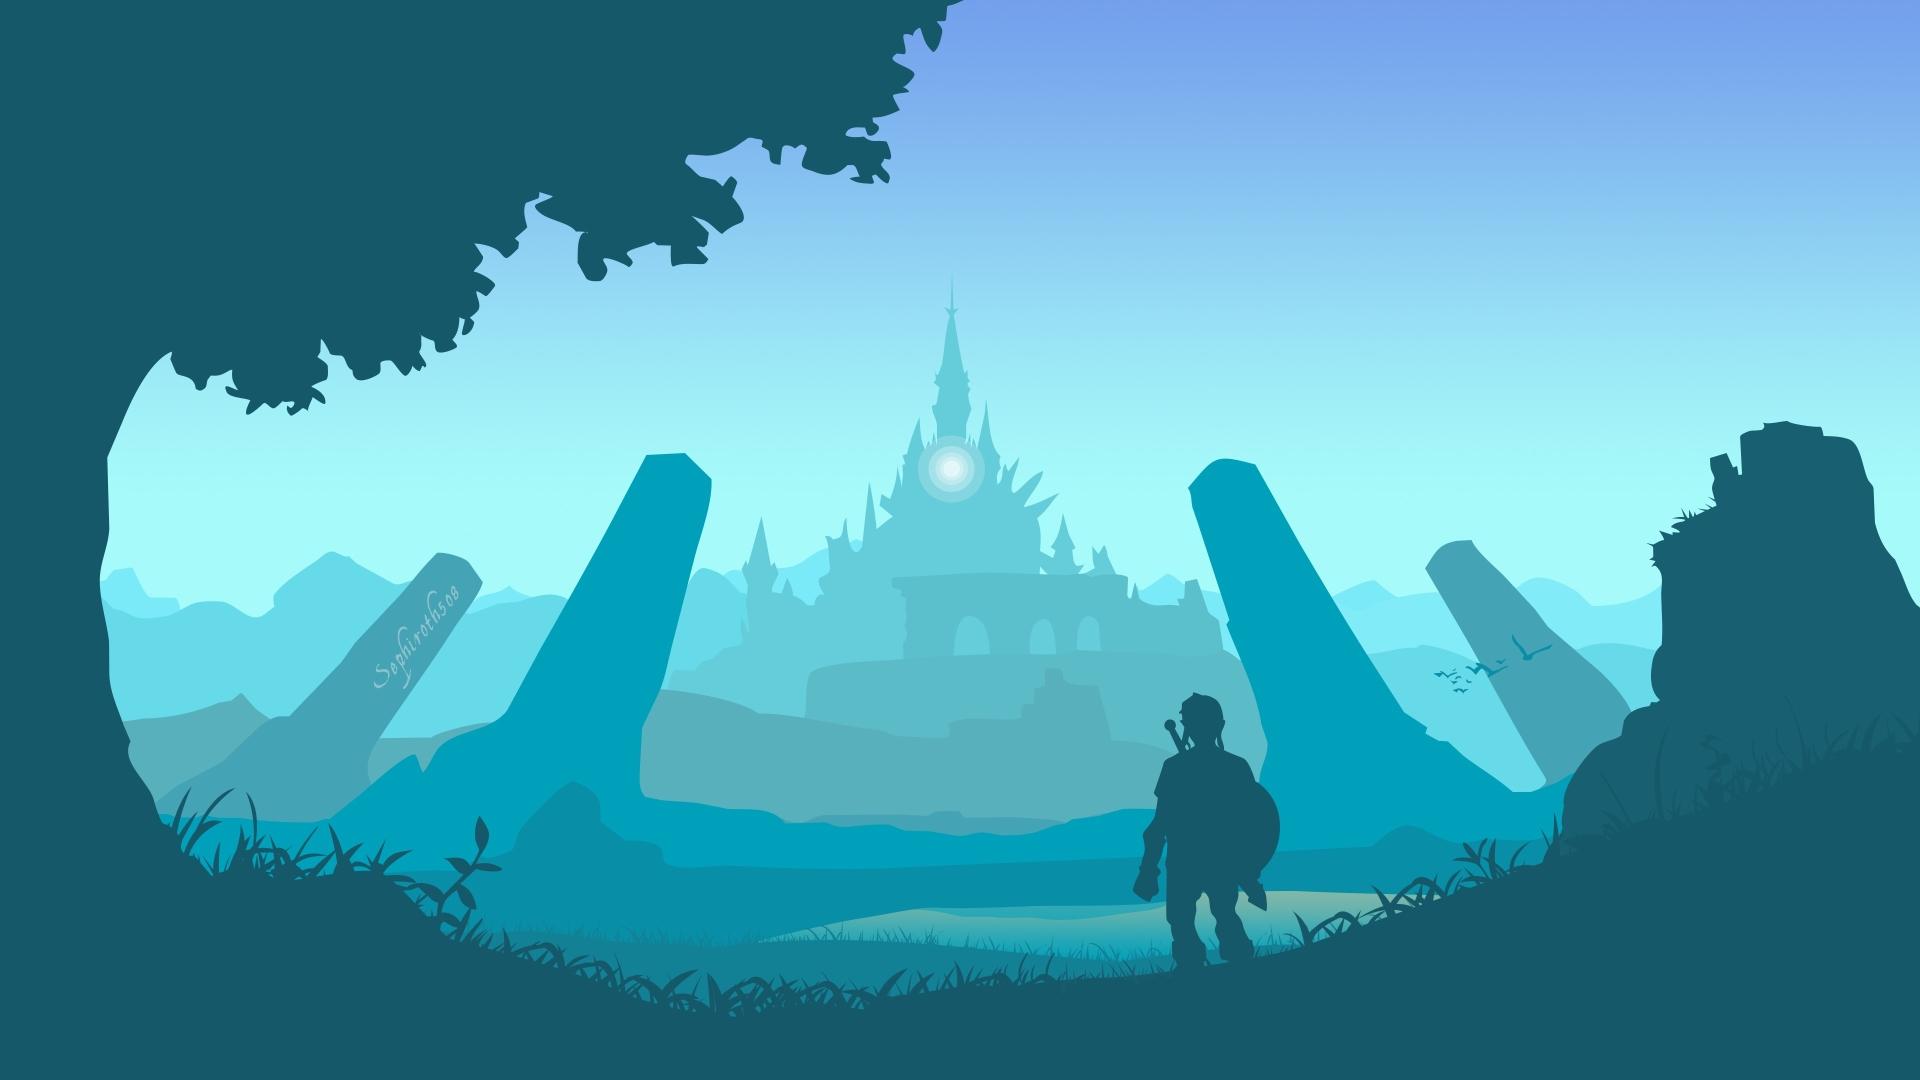 Zelda Breath Of The Wild Wallpaper 1080p: The Legend Of Zelda Breath Of The Wild Art, HD 4K Wallpaper